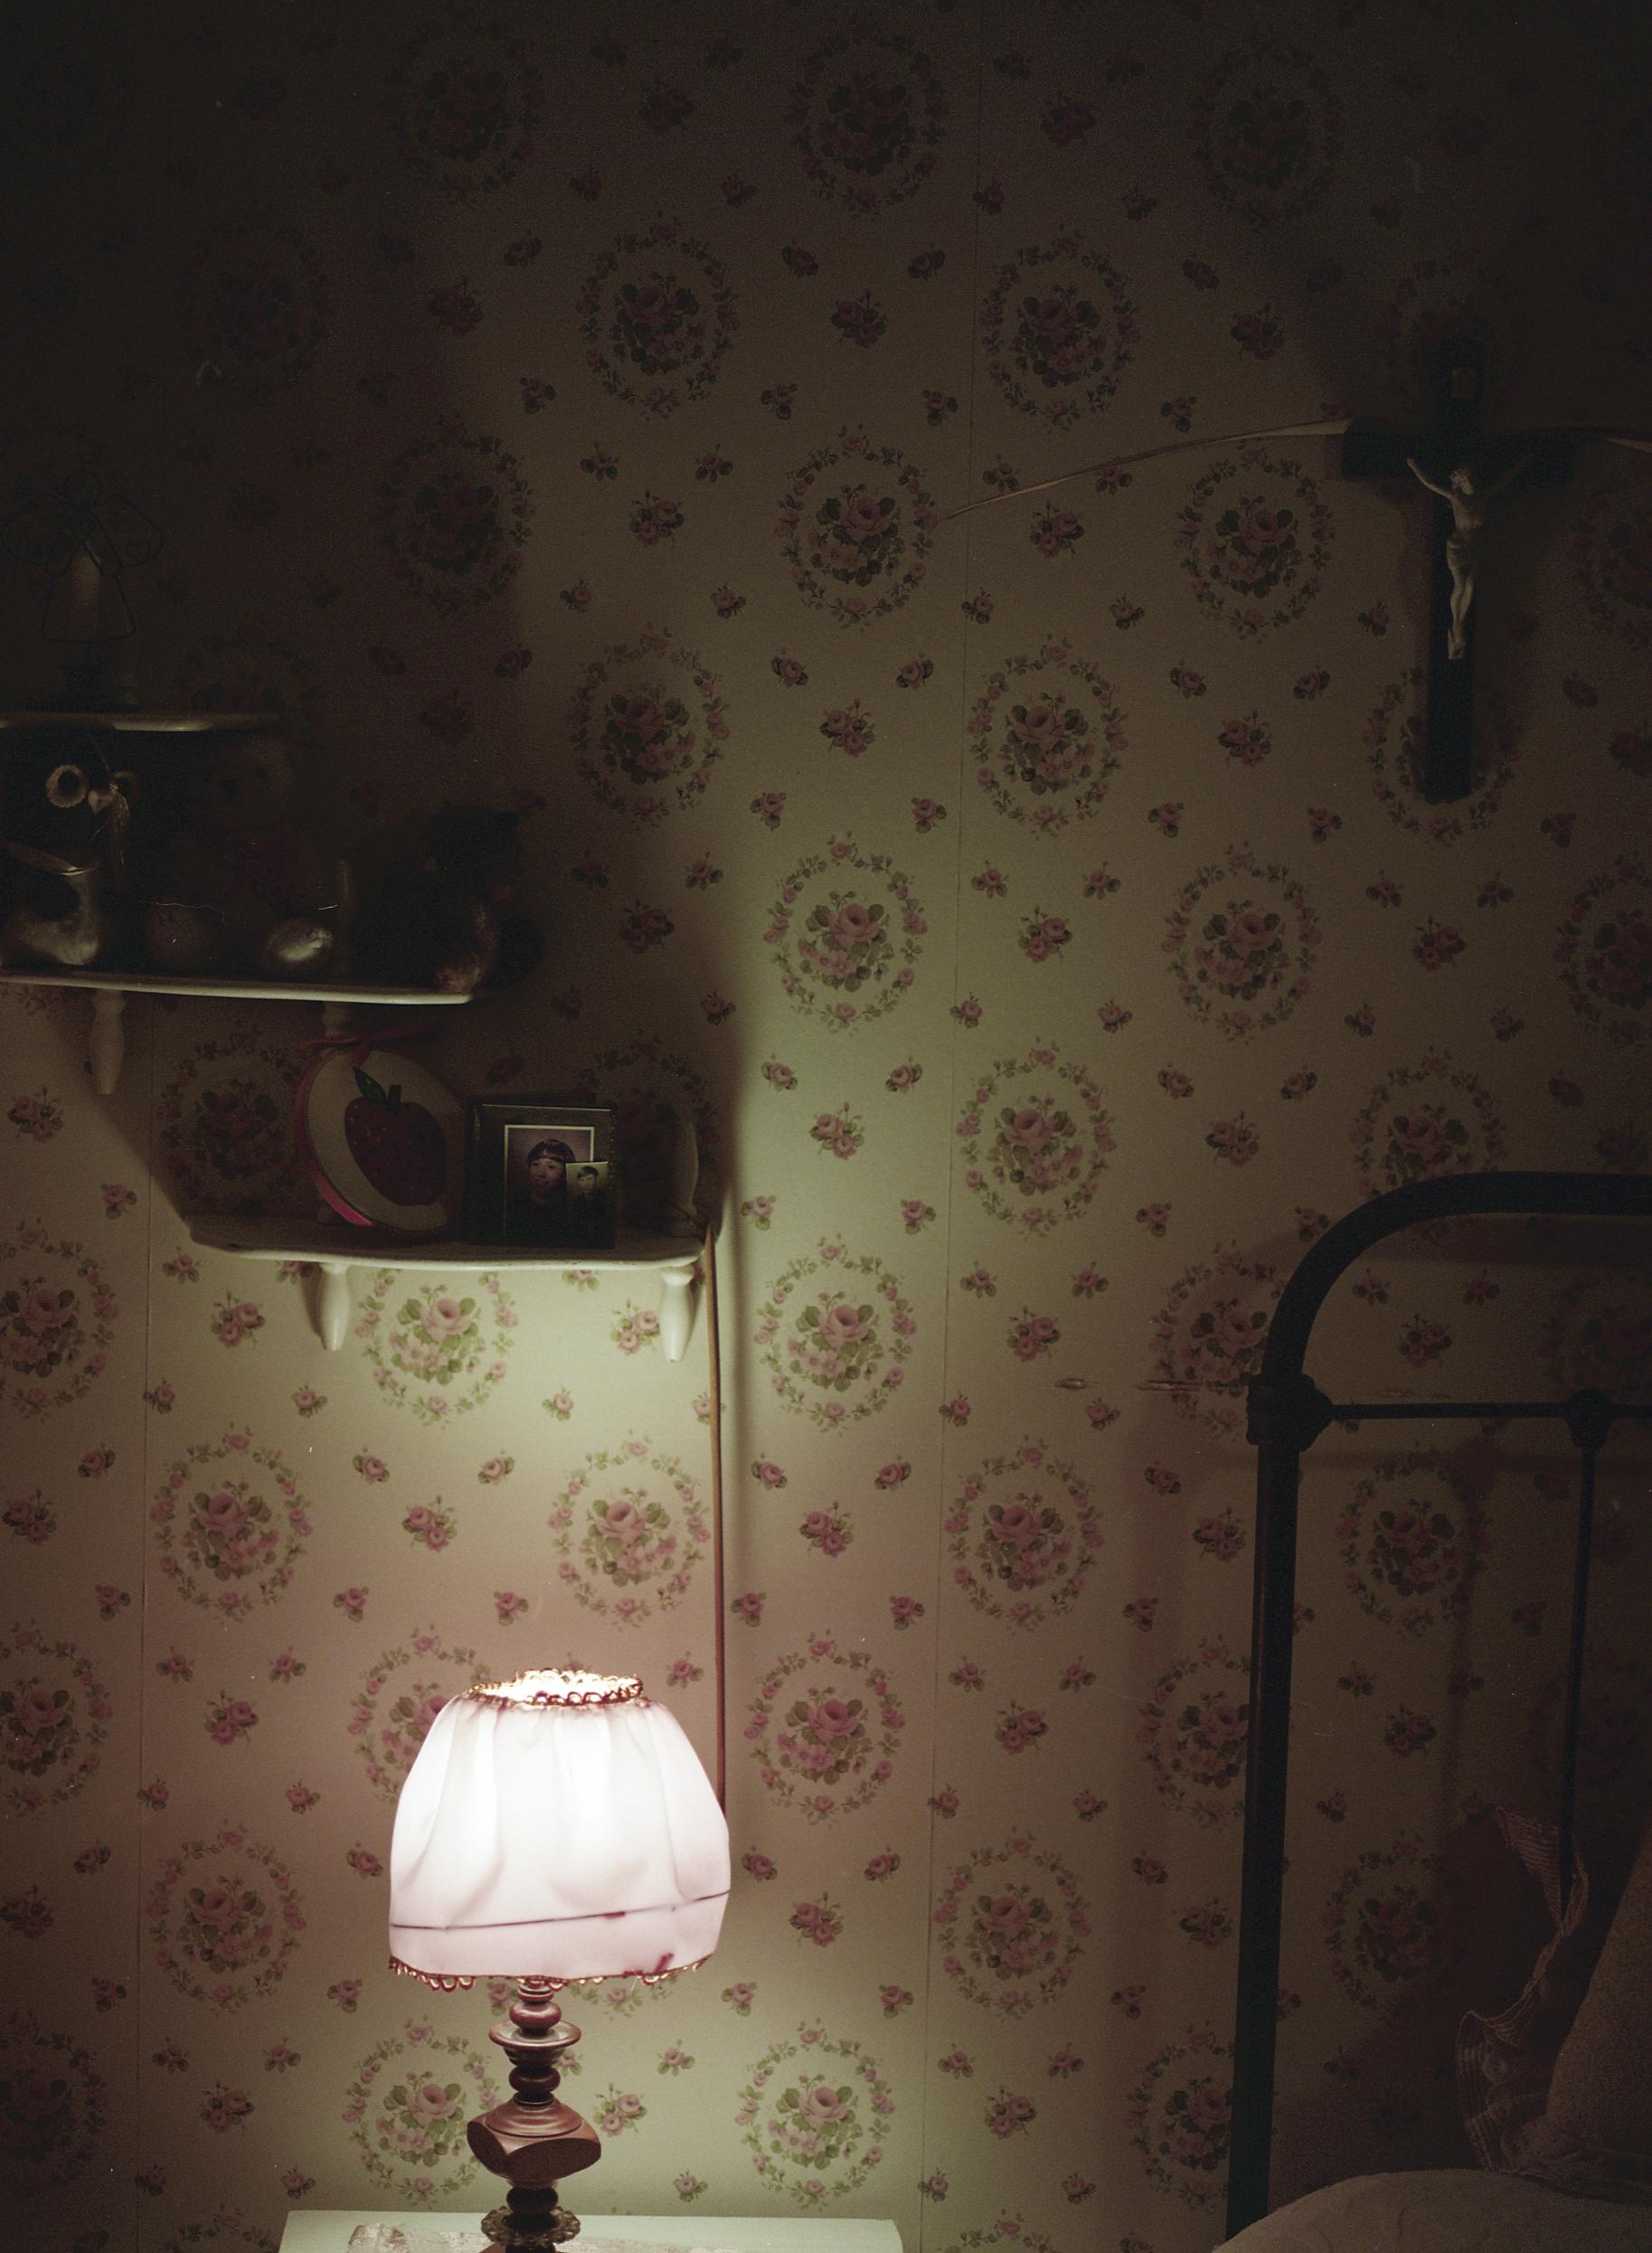 15_Ciocia_s Room.jpg